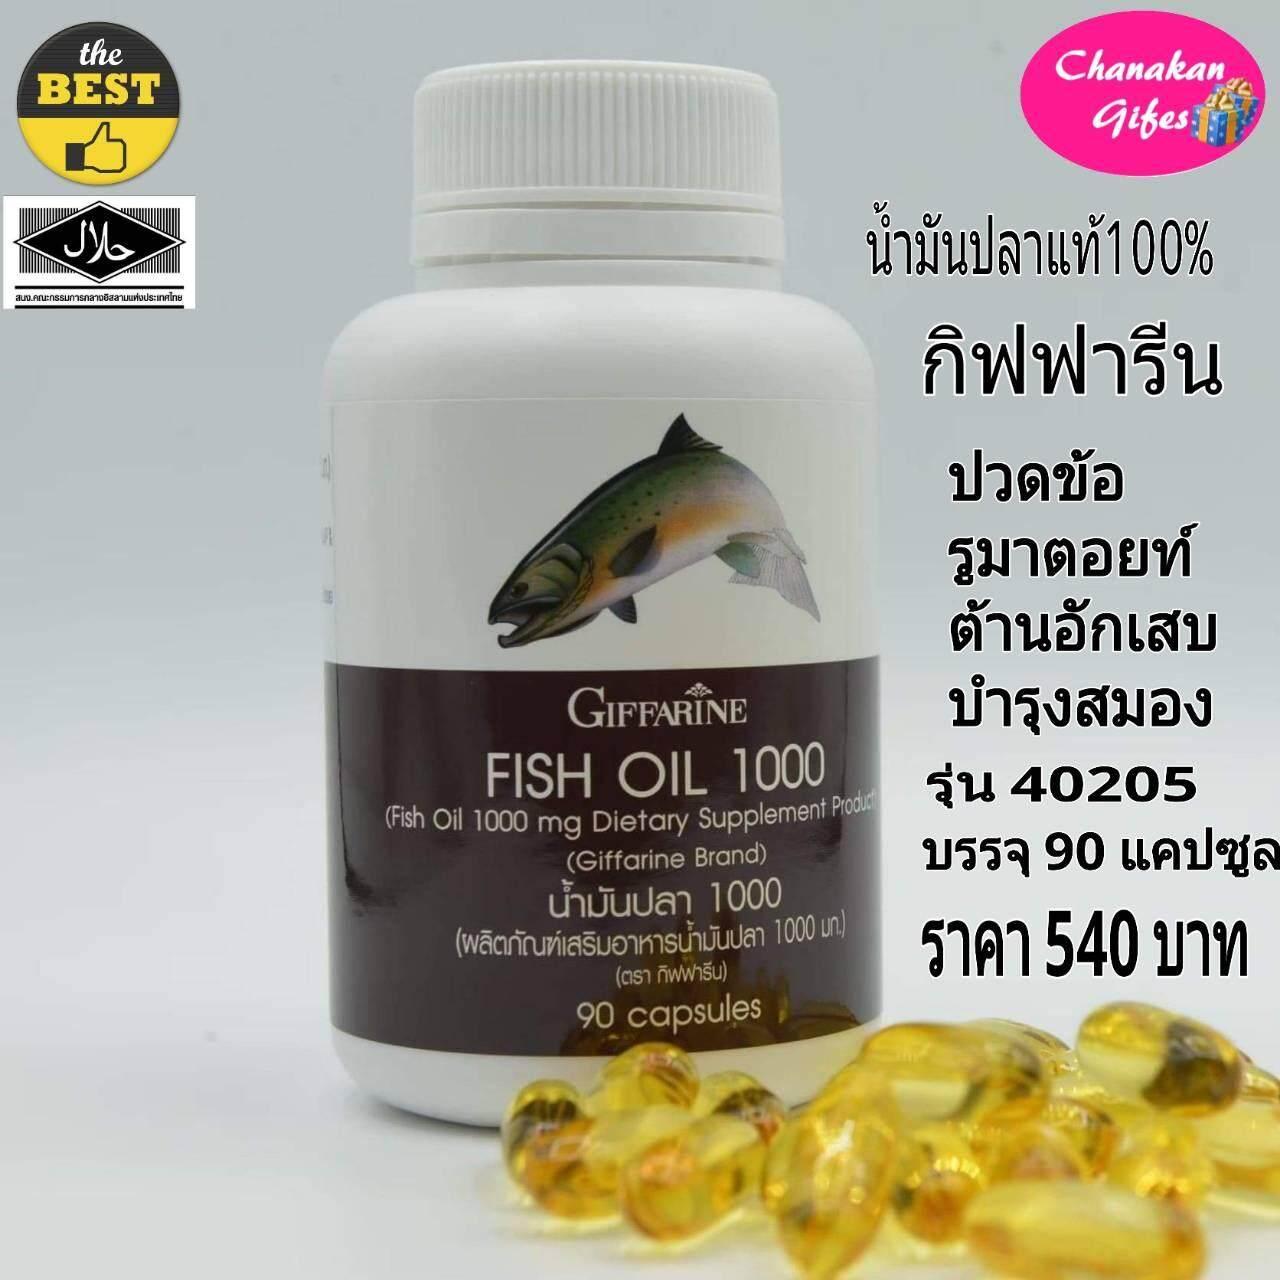 น้ำมันปลา 1000 มก 90 แคปซูล กิฟฟารีน : น้ำมันปลา น้ำมันปลา คืออะไร ? น้ํามันปลา หรือ Fish Oil คือส่วนที่สกัดมาจากส่วนของเนื้อ หนัง หัว และหางของปลา โดยเฉพาะปลาในเขตหนาว ซึ่งในน้ำมันปลาจะมีกรดไขมันอยู่หลายชนิด.